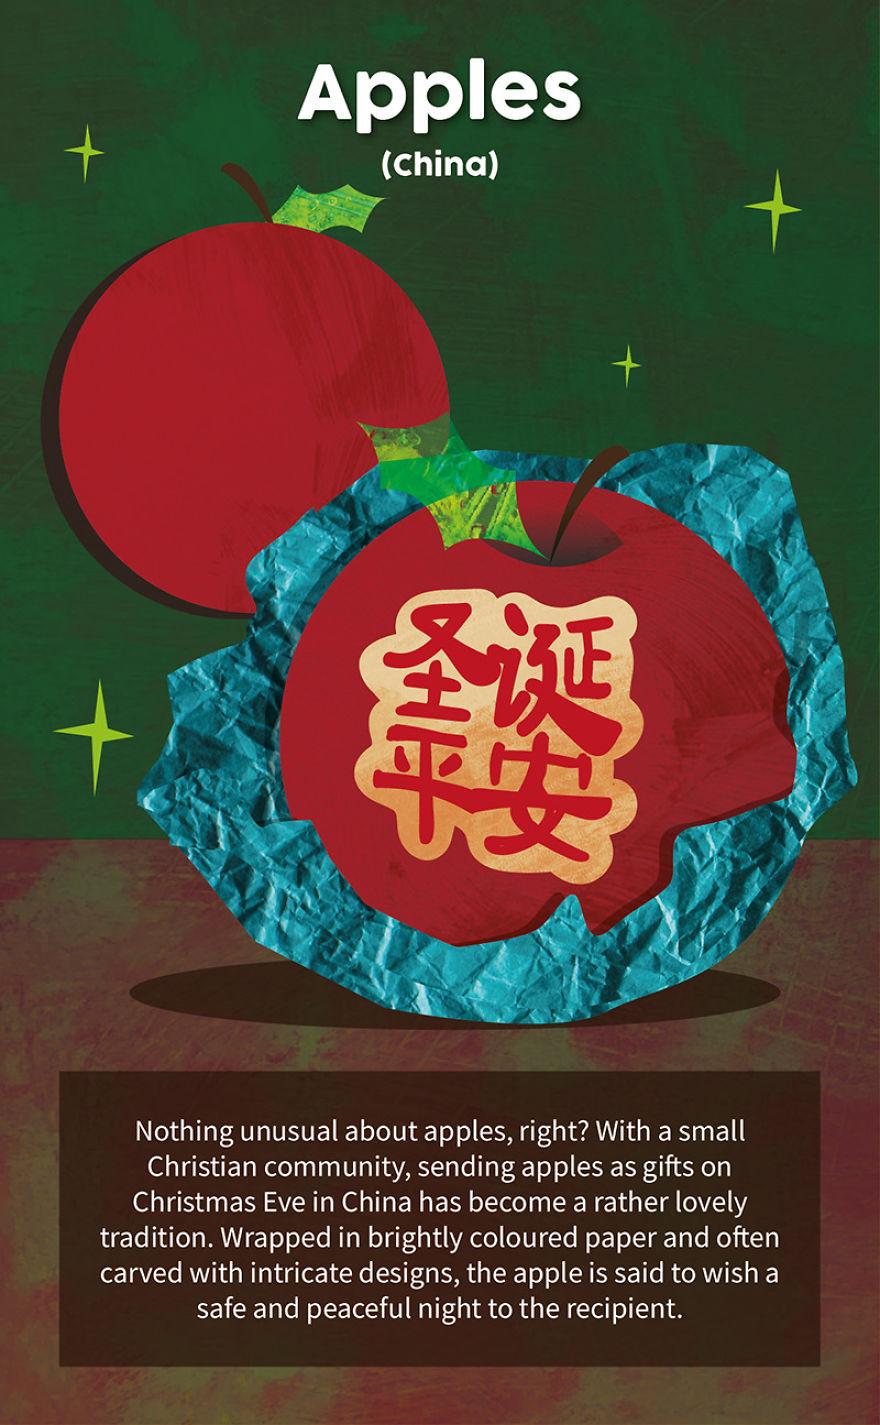 Christmas Eve Apples - China